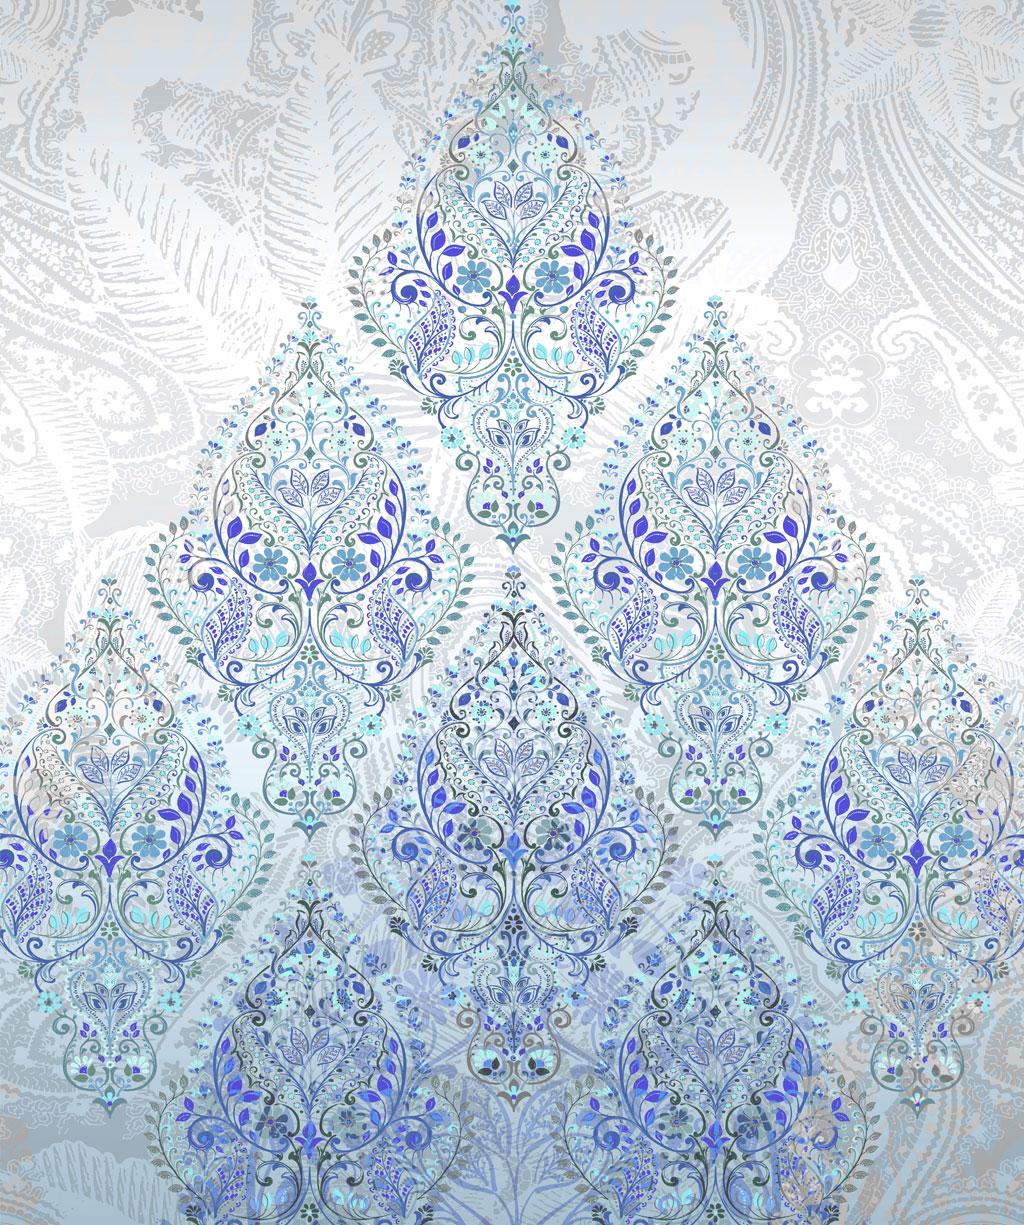 Stoff Plaid als Tagesdecke, Vorhang oder Tischdecke mit Ornamenten